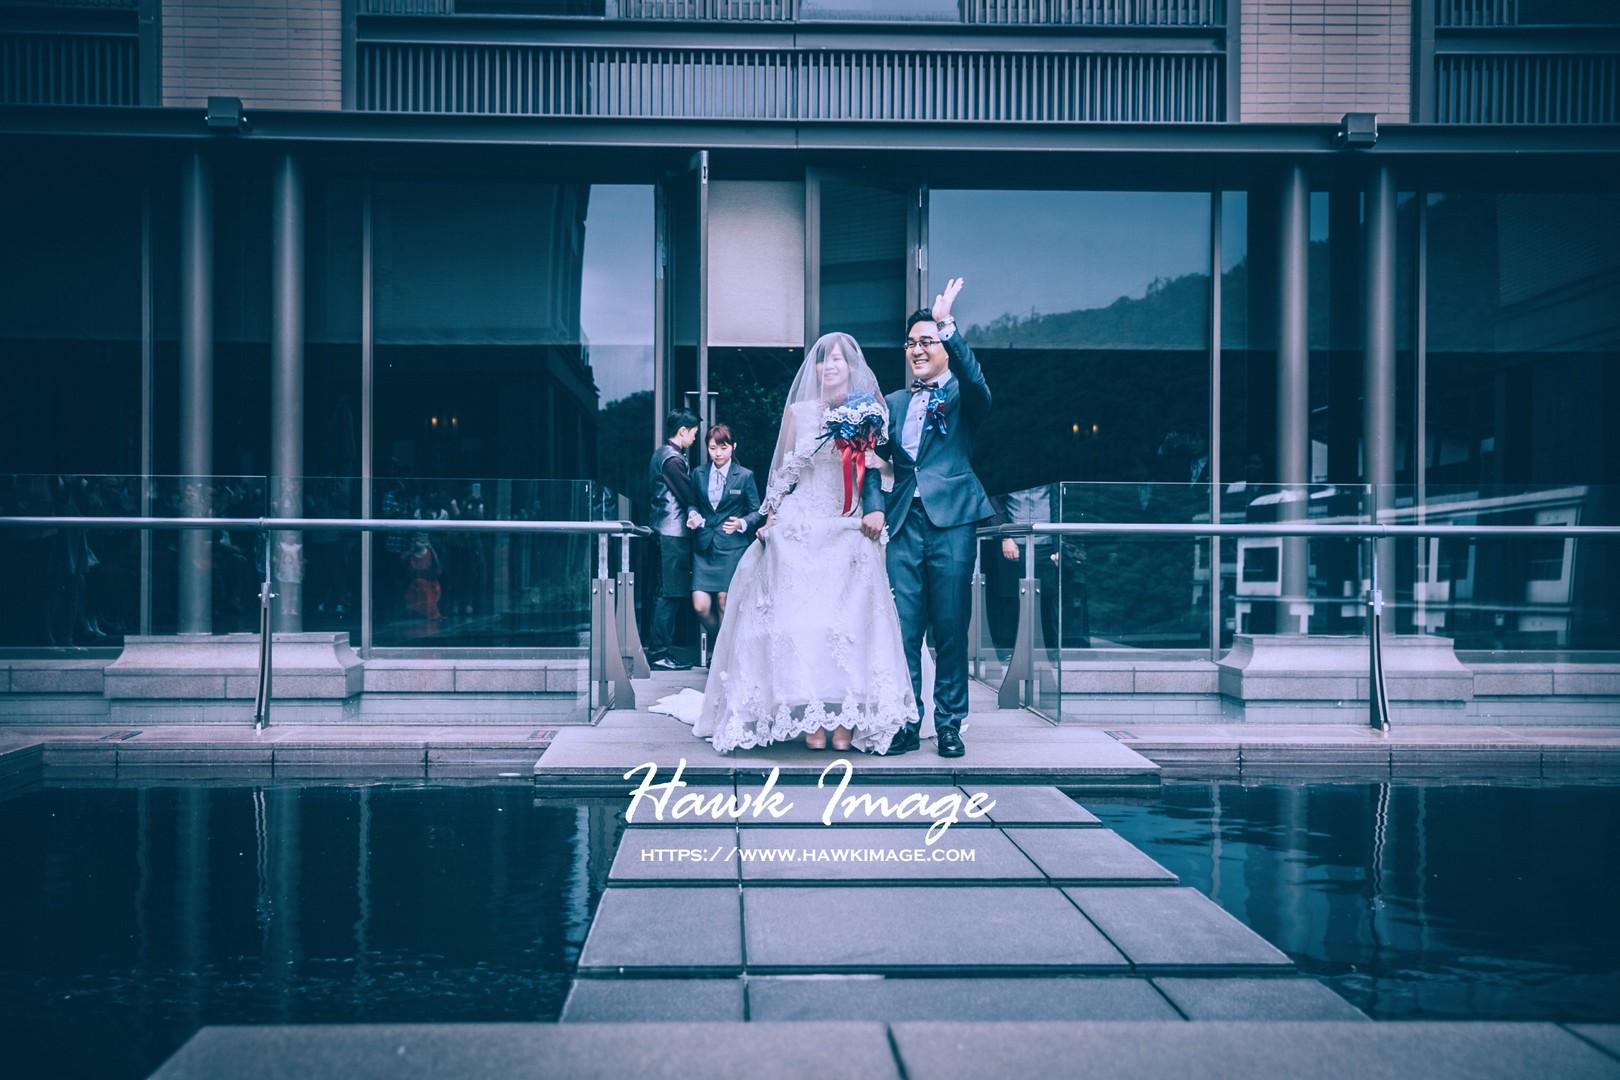 結婚儀式 婚禮攝影價格 婚禮錄影 婚禮記錄 教堂婚禮錄影推薦